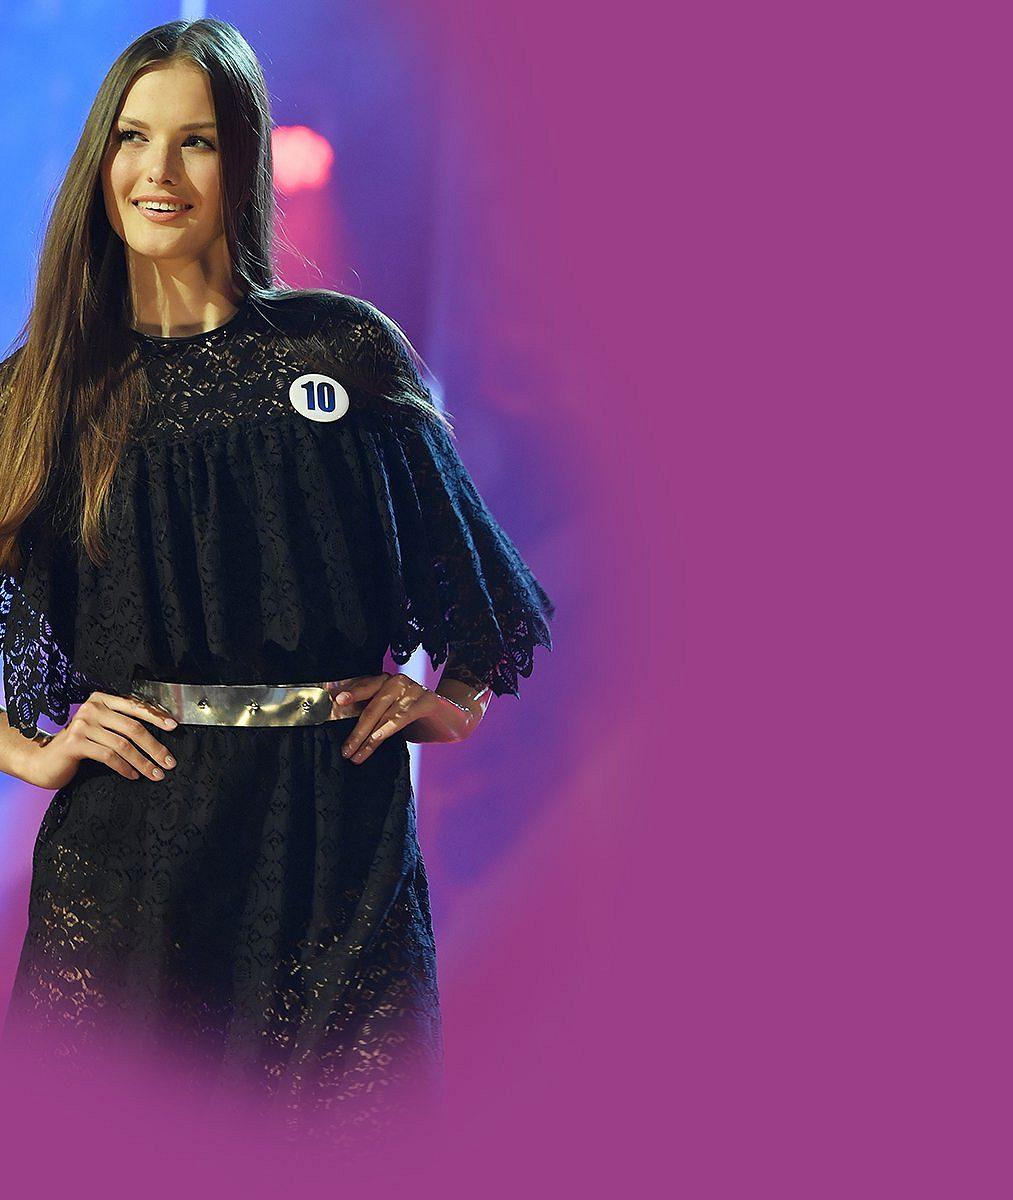 Třetí nejkrásnější dívkou planety Země se stala Češka: Klára Vavrušková zabodovala na světové soutěži krásy